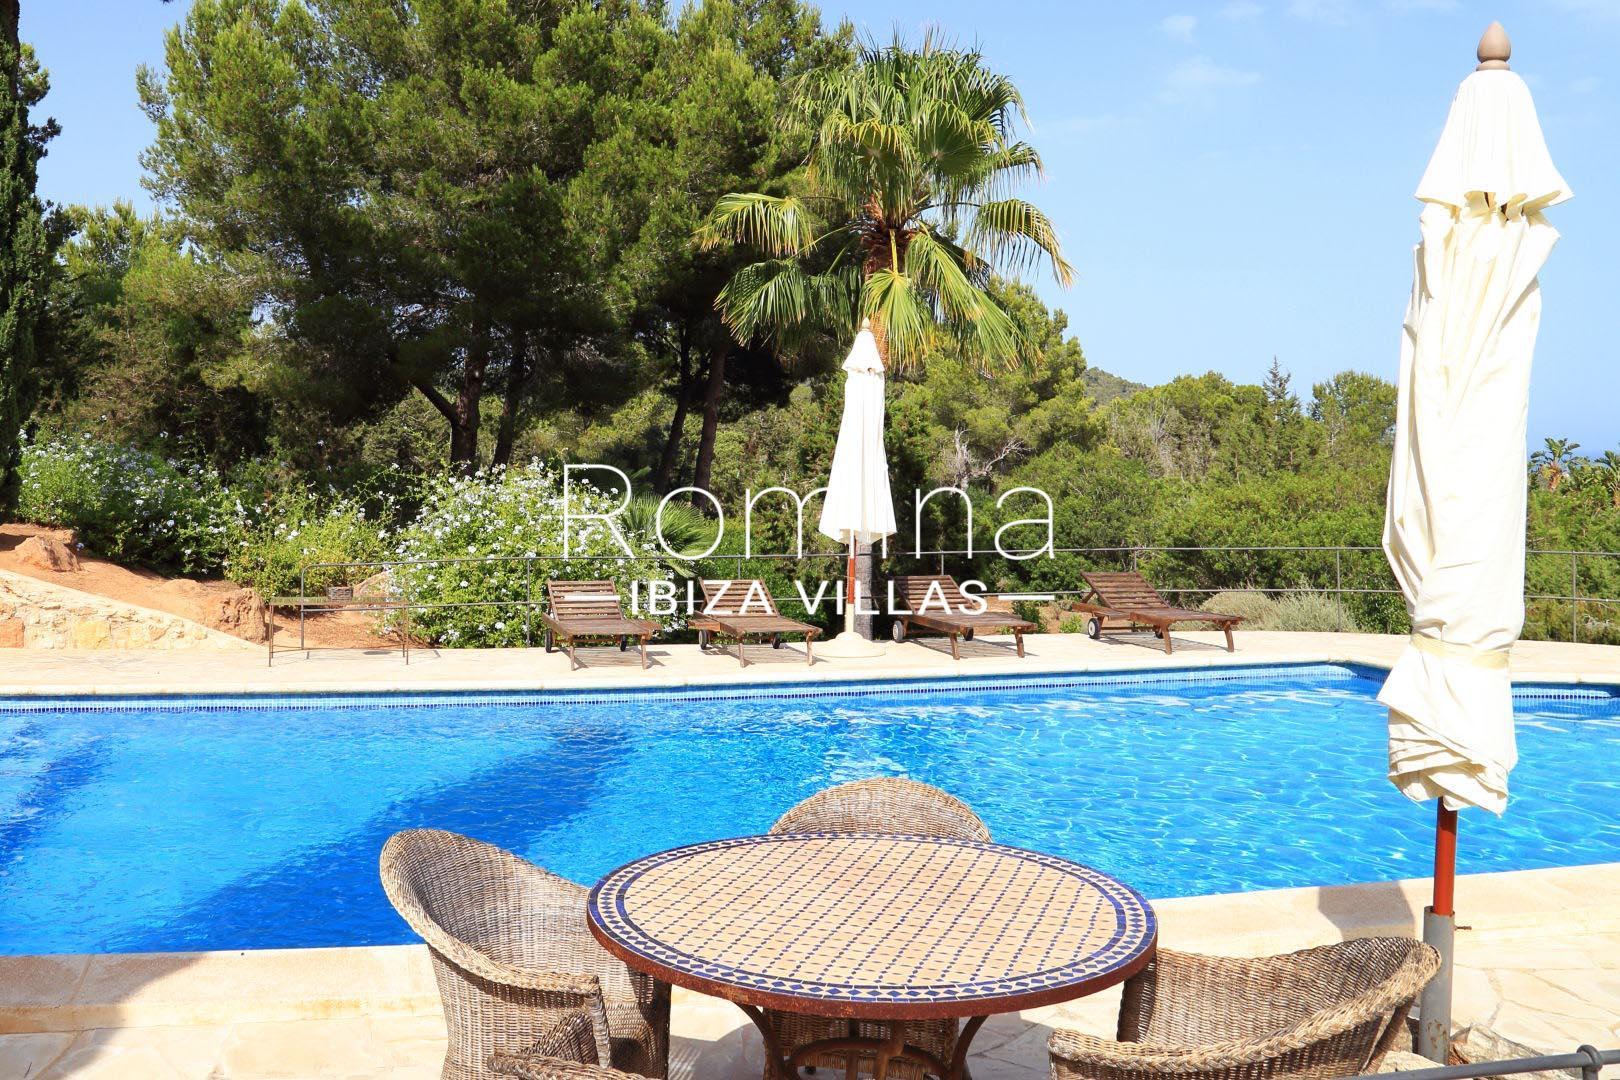 Villa raspalls2swimming pool deck chairs romina ibiza villas for Pool deck chairs for sale